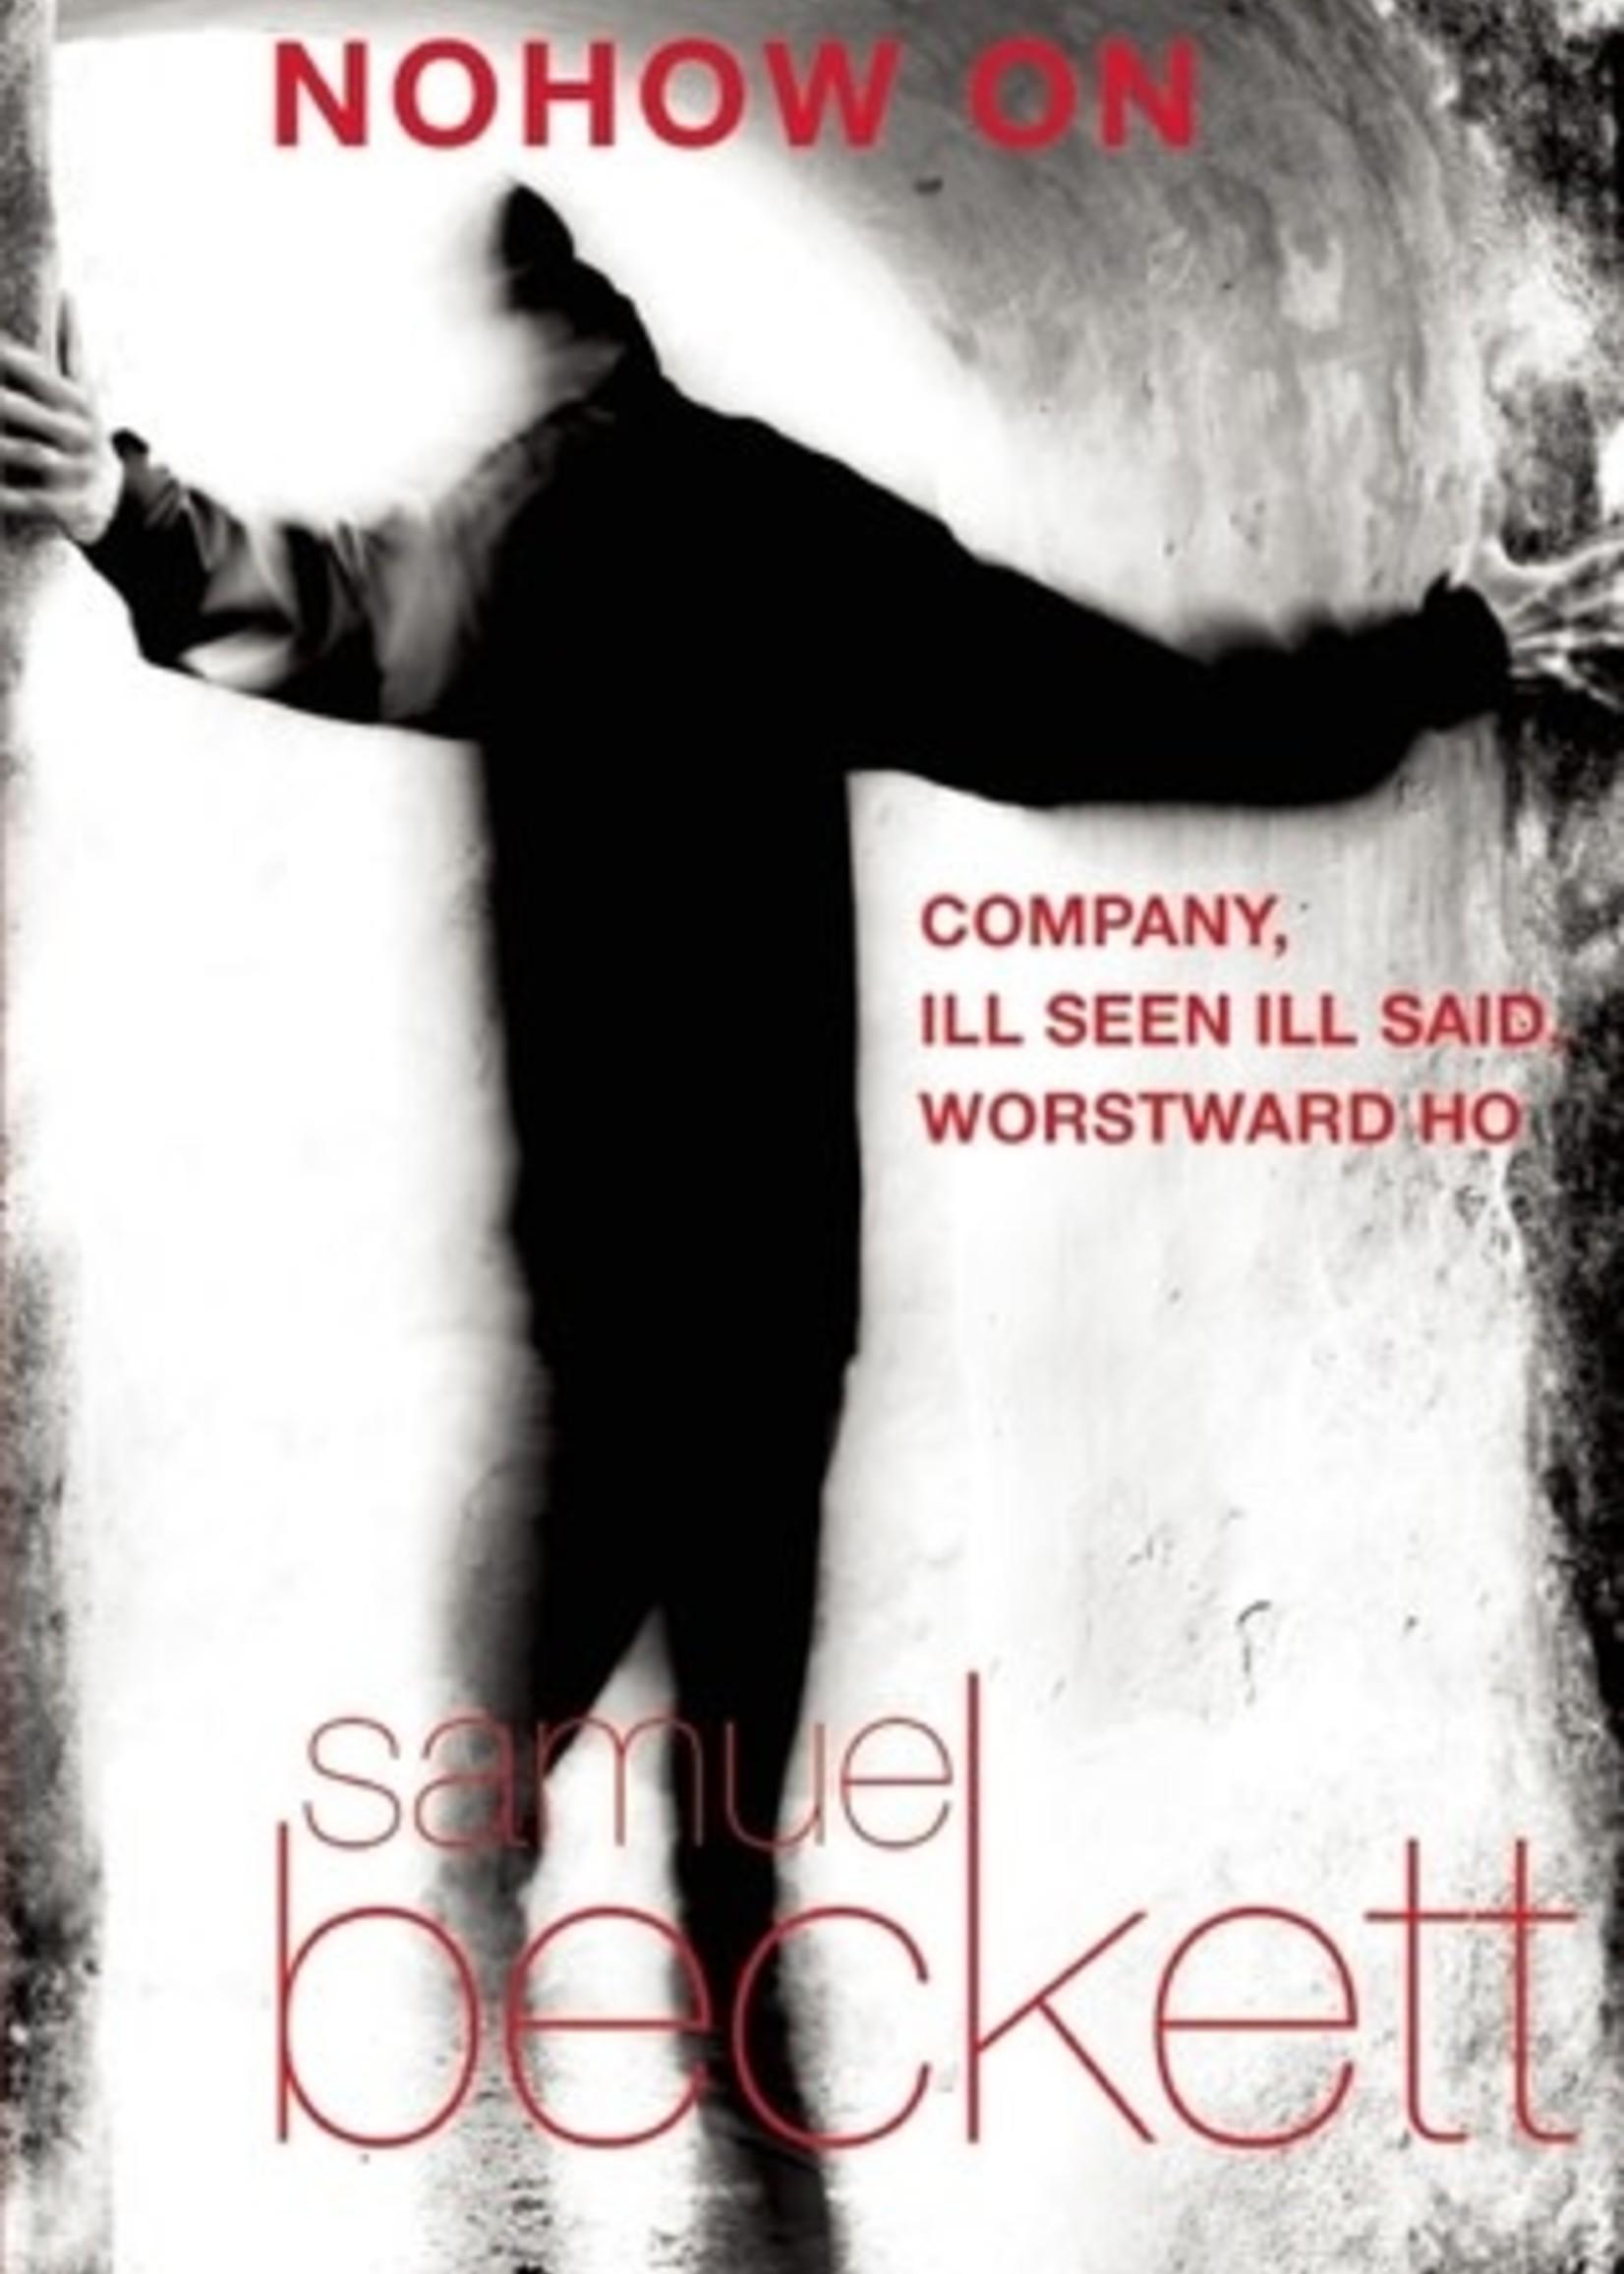 Nohow On: Company, Ill Seen Ill Said, Worstward Ho by Samuel Beckett